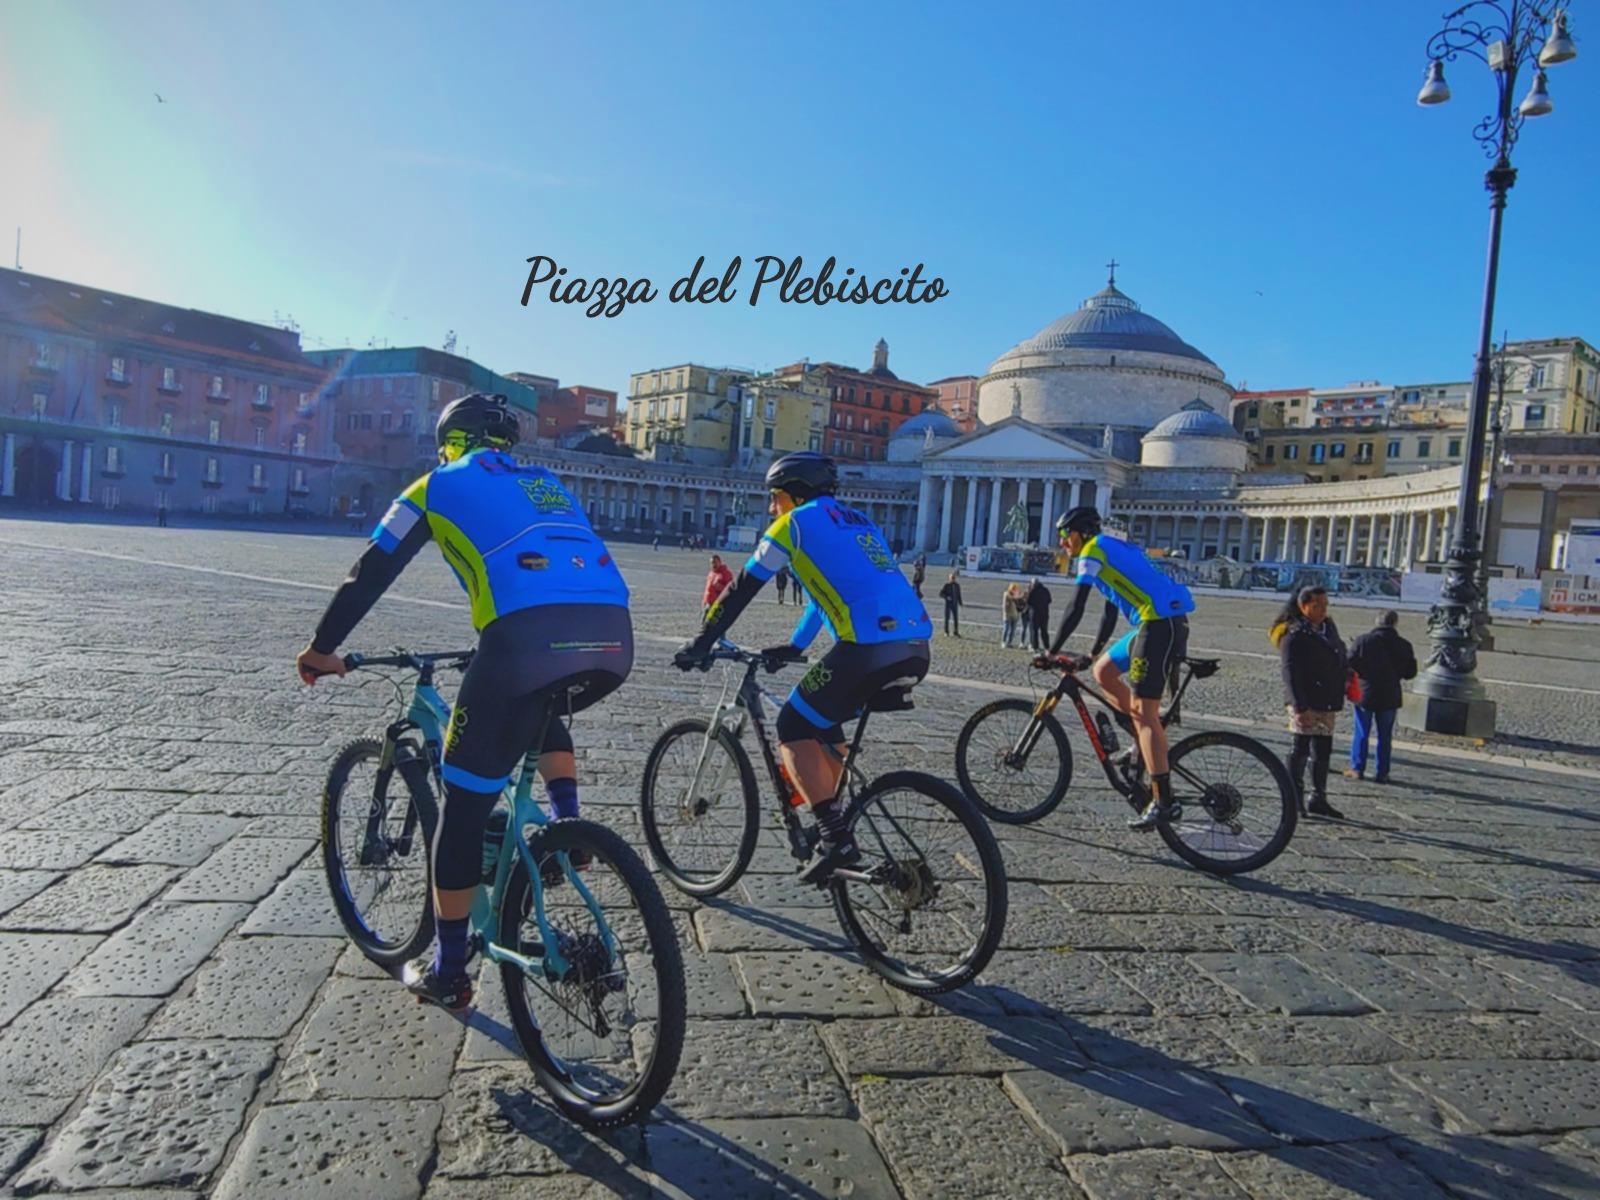 Piazza del Plebiscito_